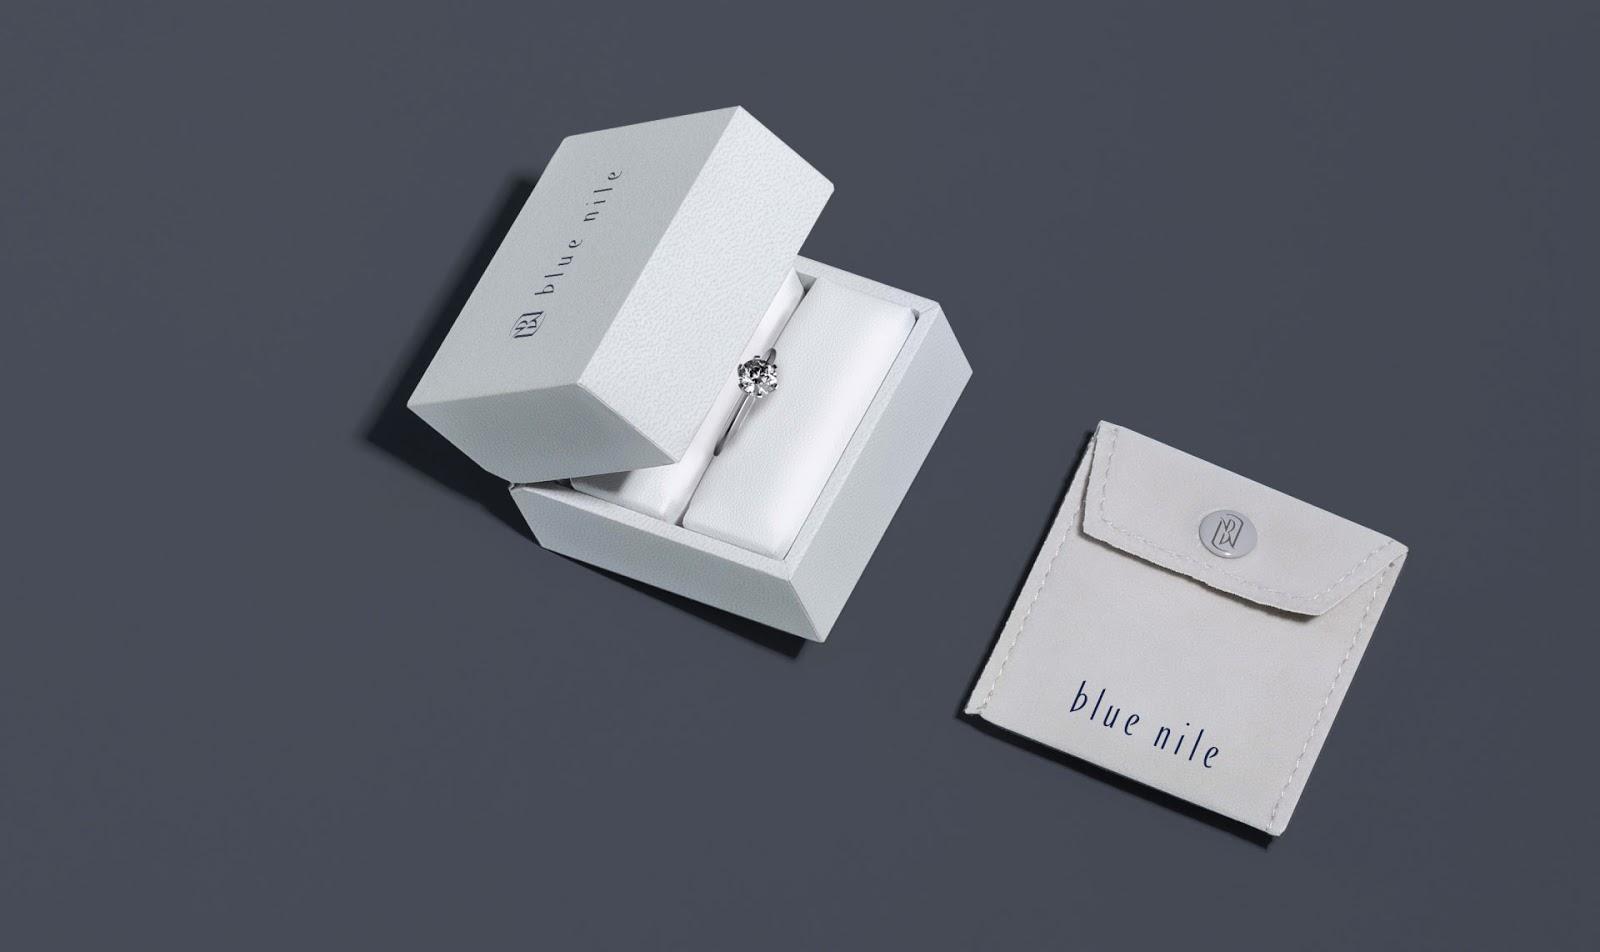 BlueNile_珠宝定制包装盒2